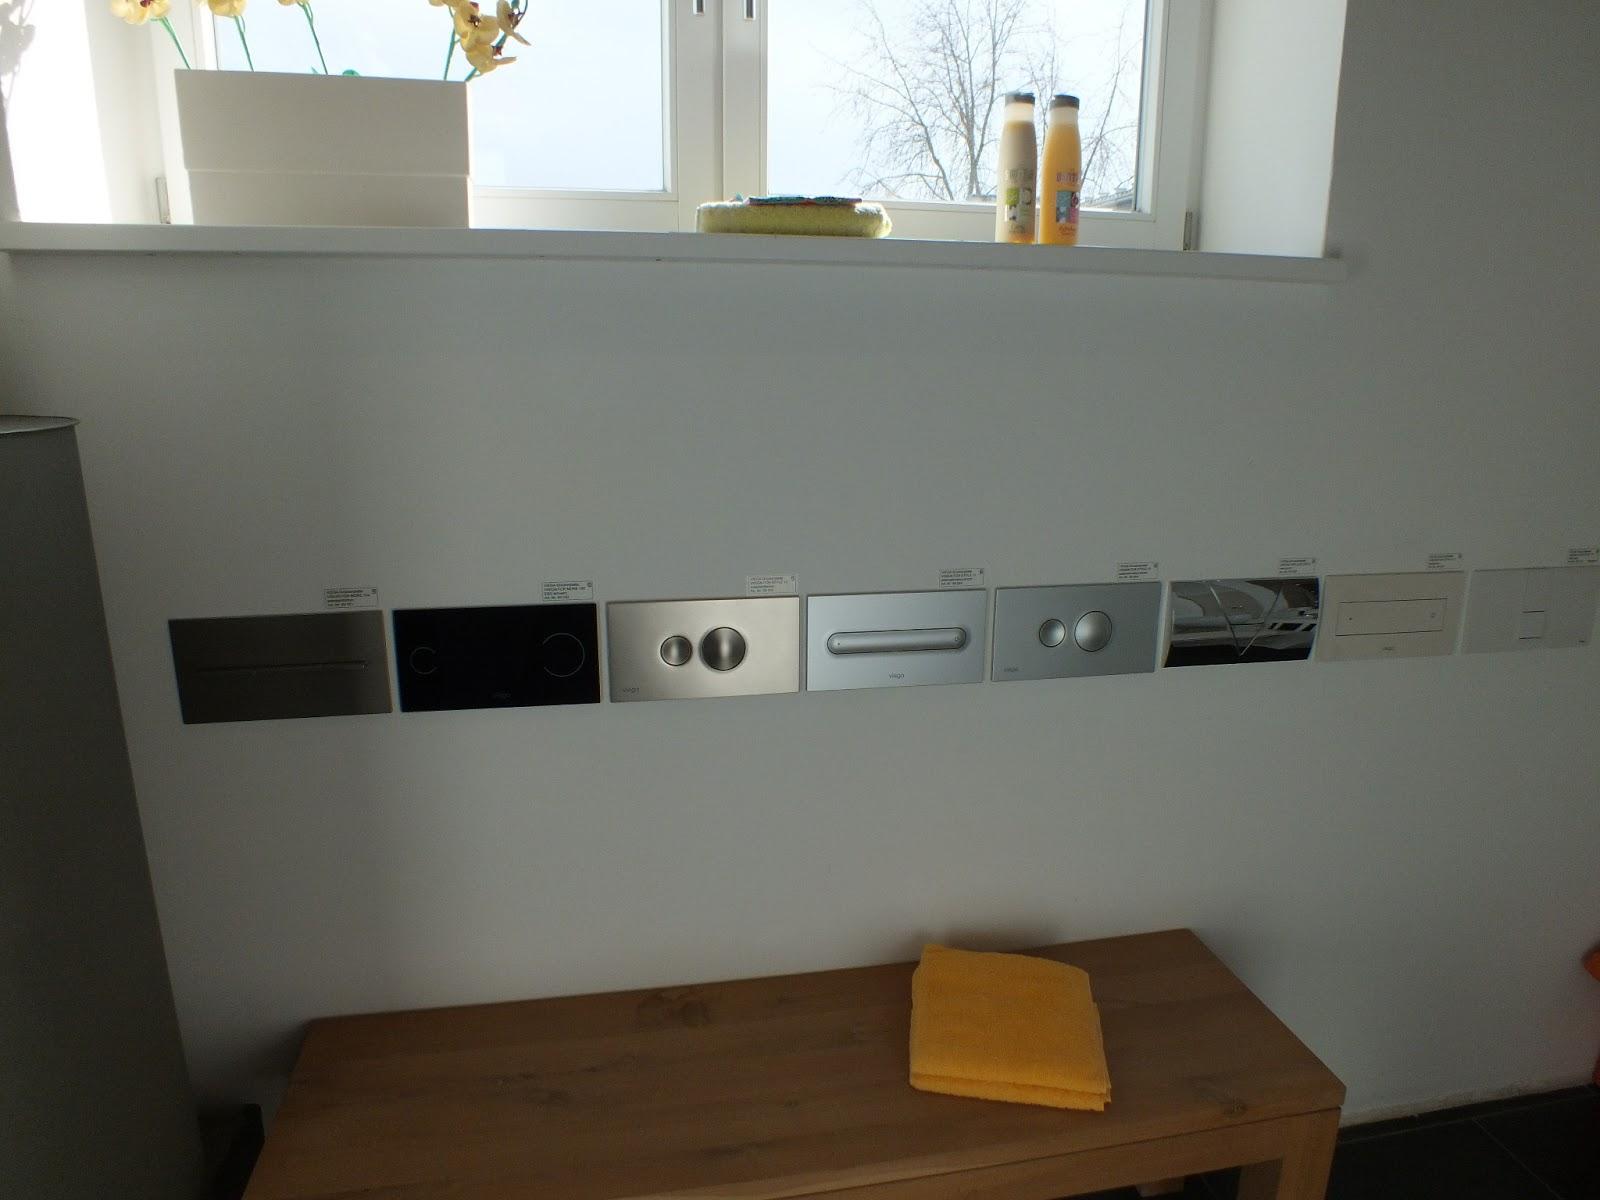 ein sohn ein haus ein b umelein bemusterung abgeschlossen. Black Bedroom Furniture Sets. Home Design Ideas